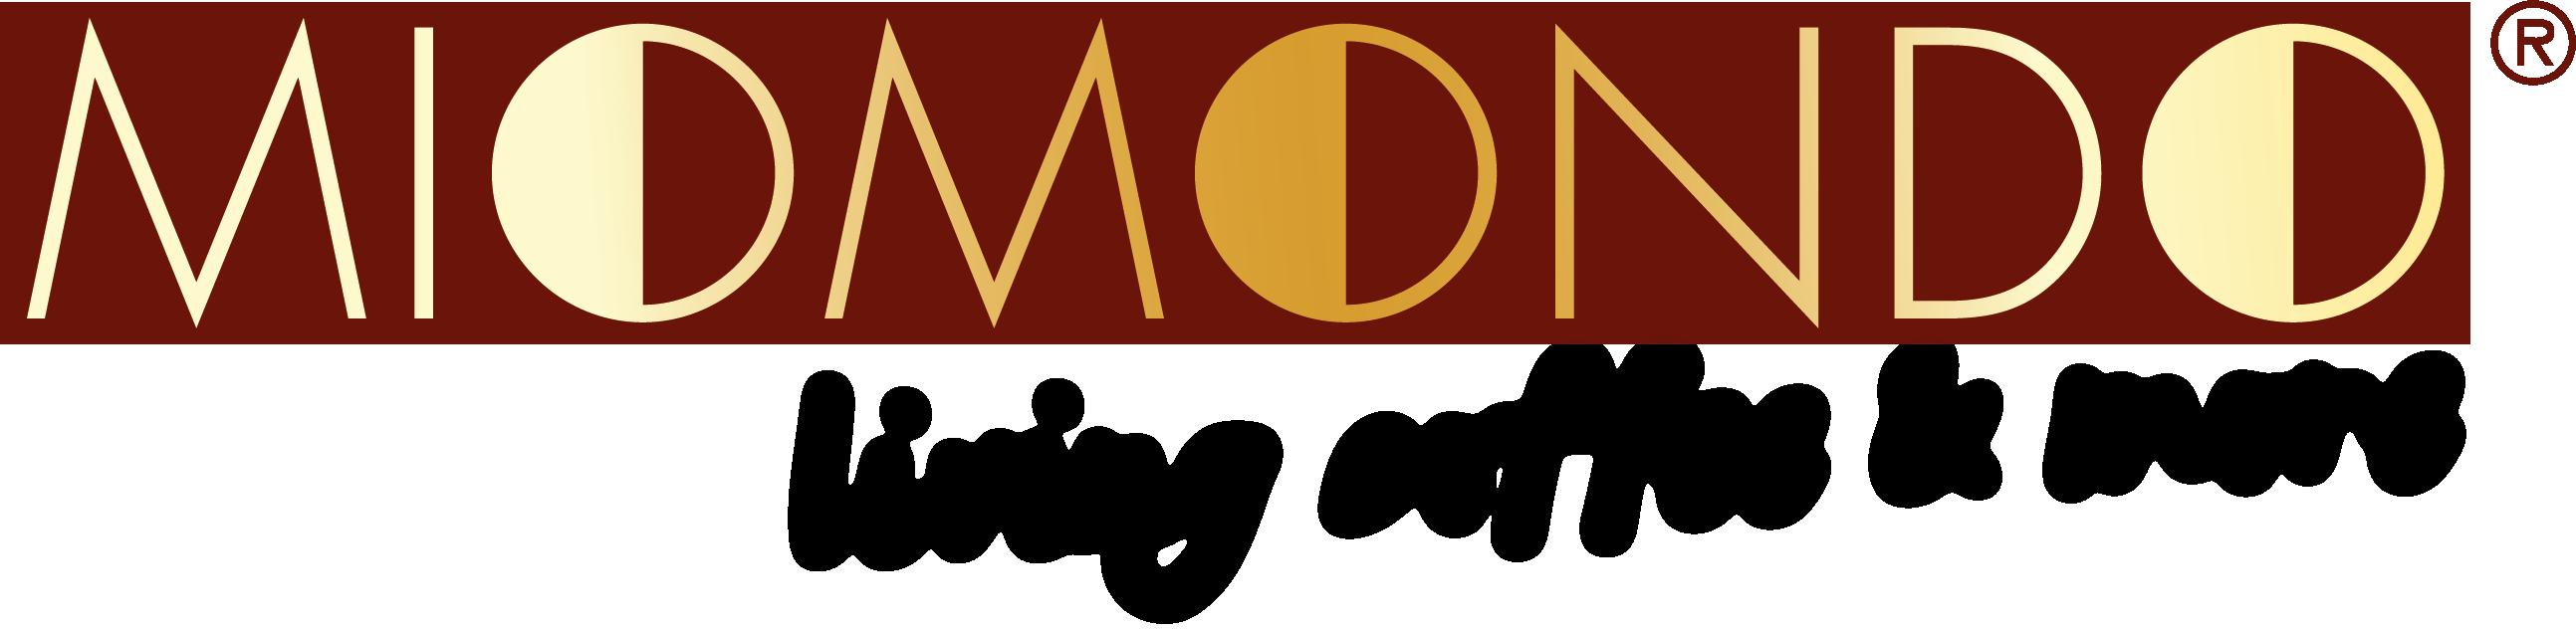 Miomondo